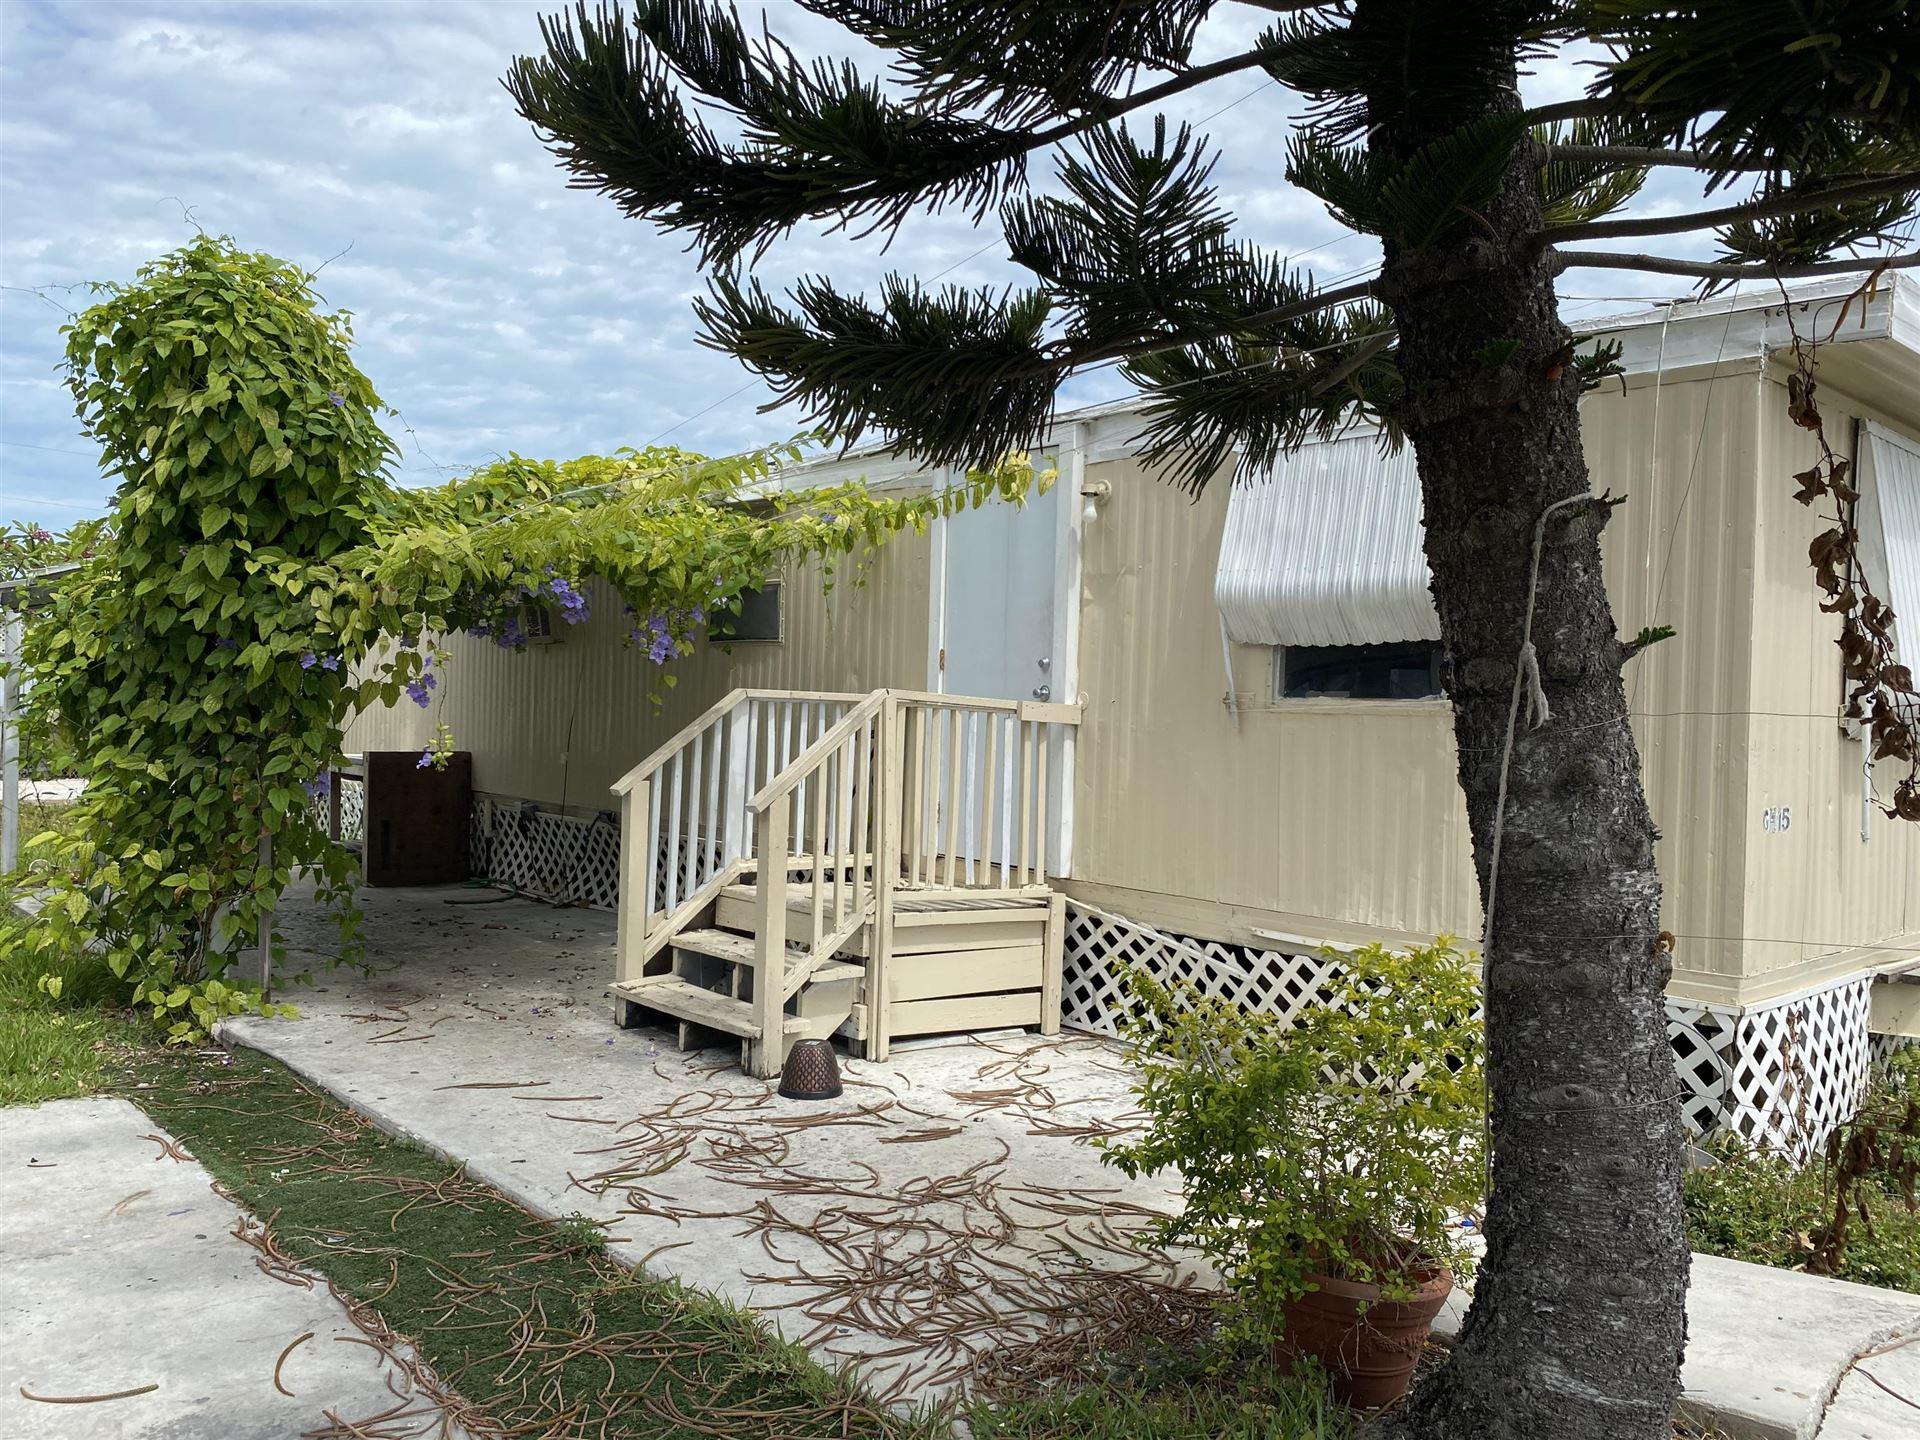 G15 Roberta Street, Stock Island, FL 33040 - #: 589858